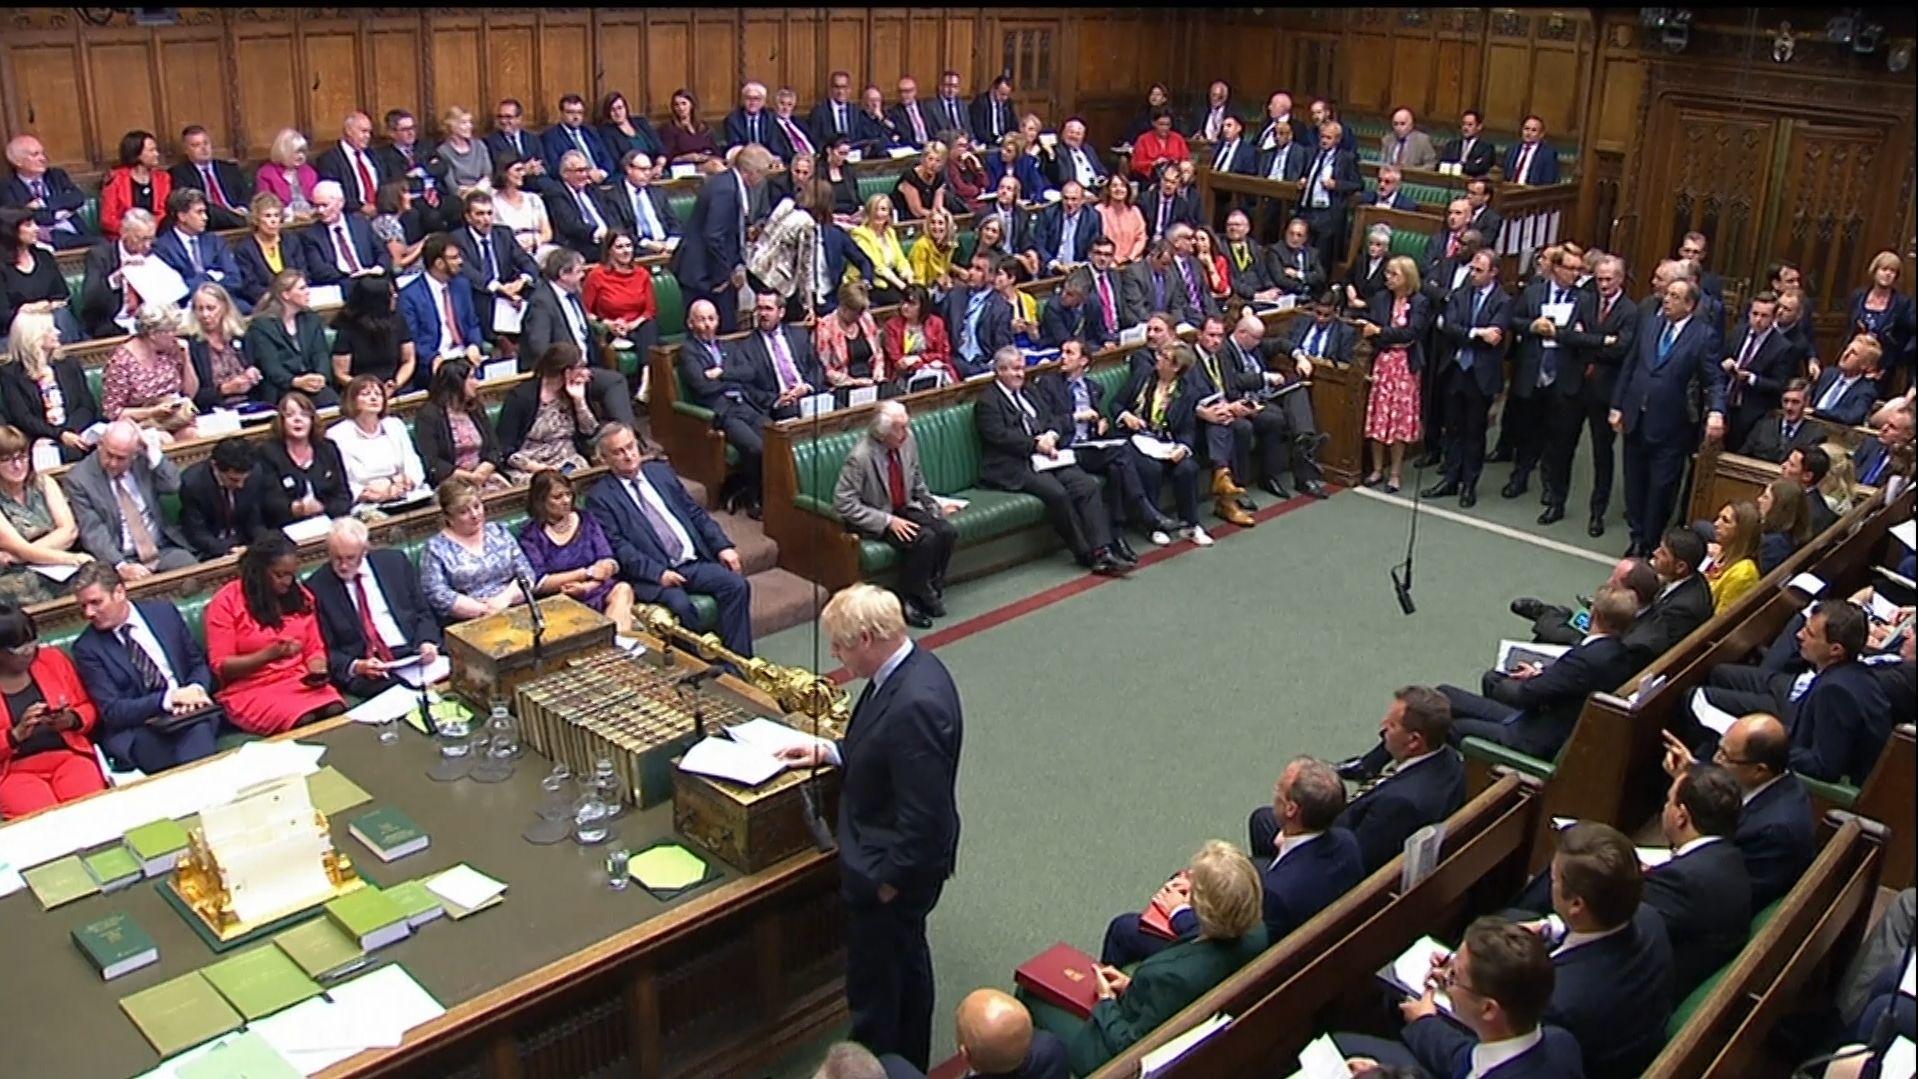 Machtprobe im Unterhaus: Abgeordnete stellen sich gegen Johnson